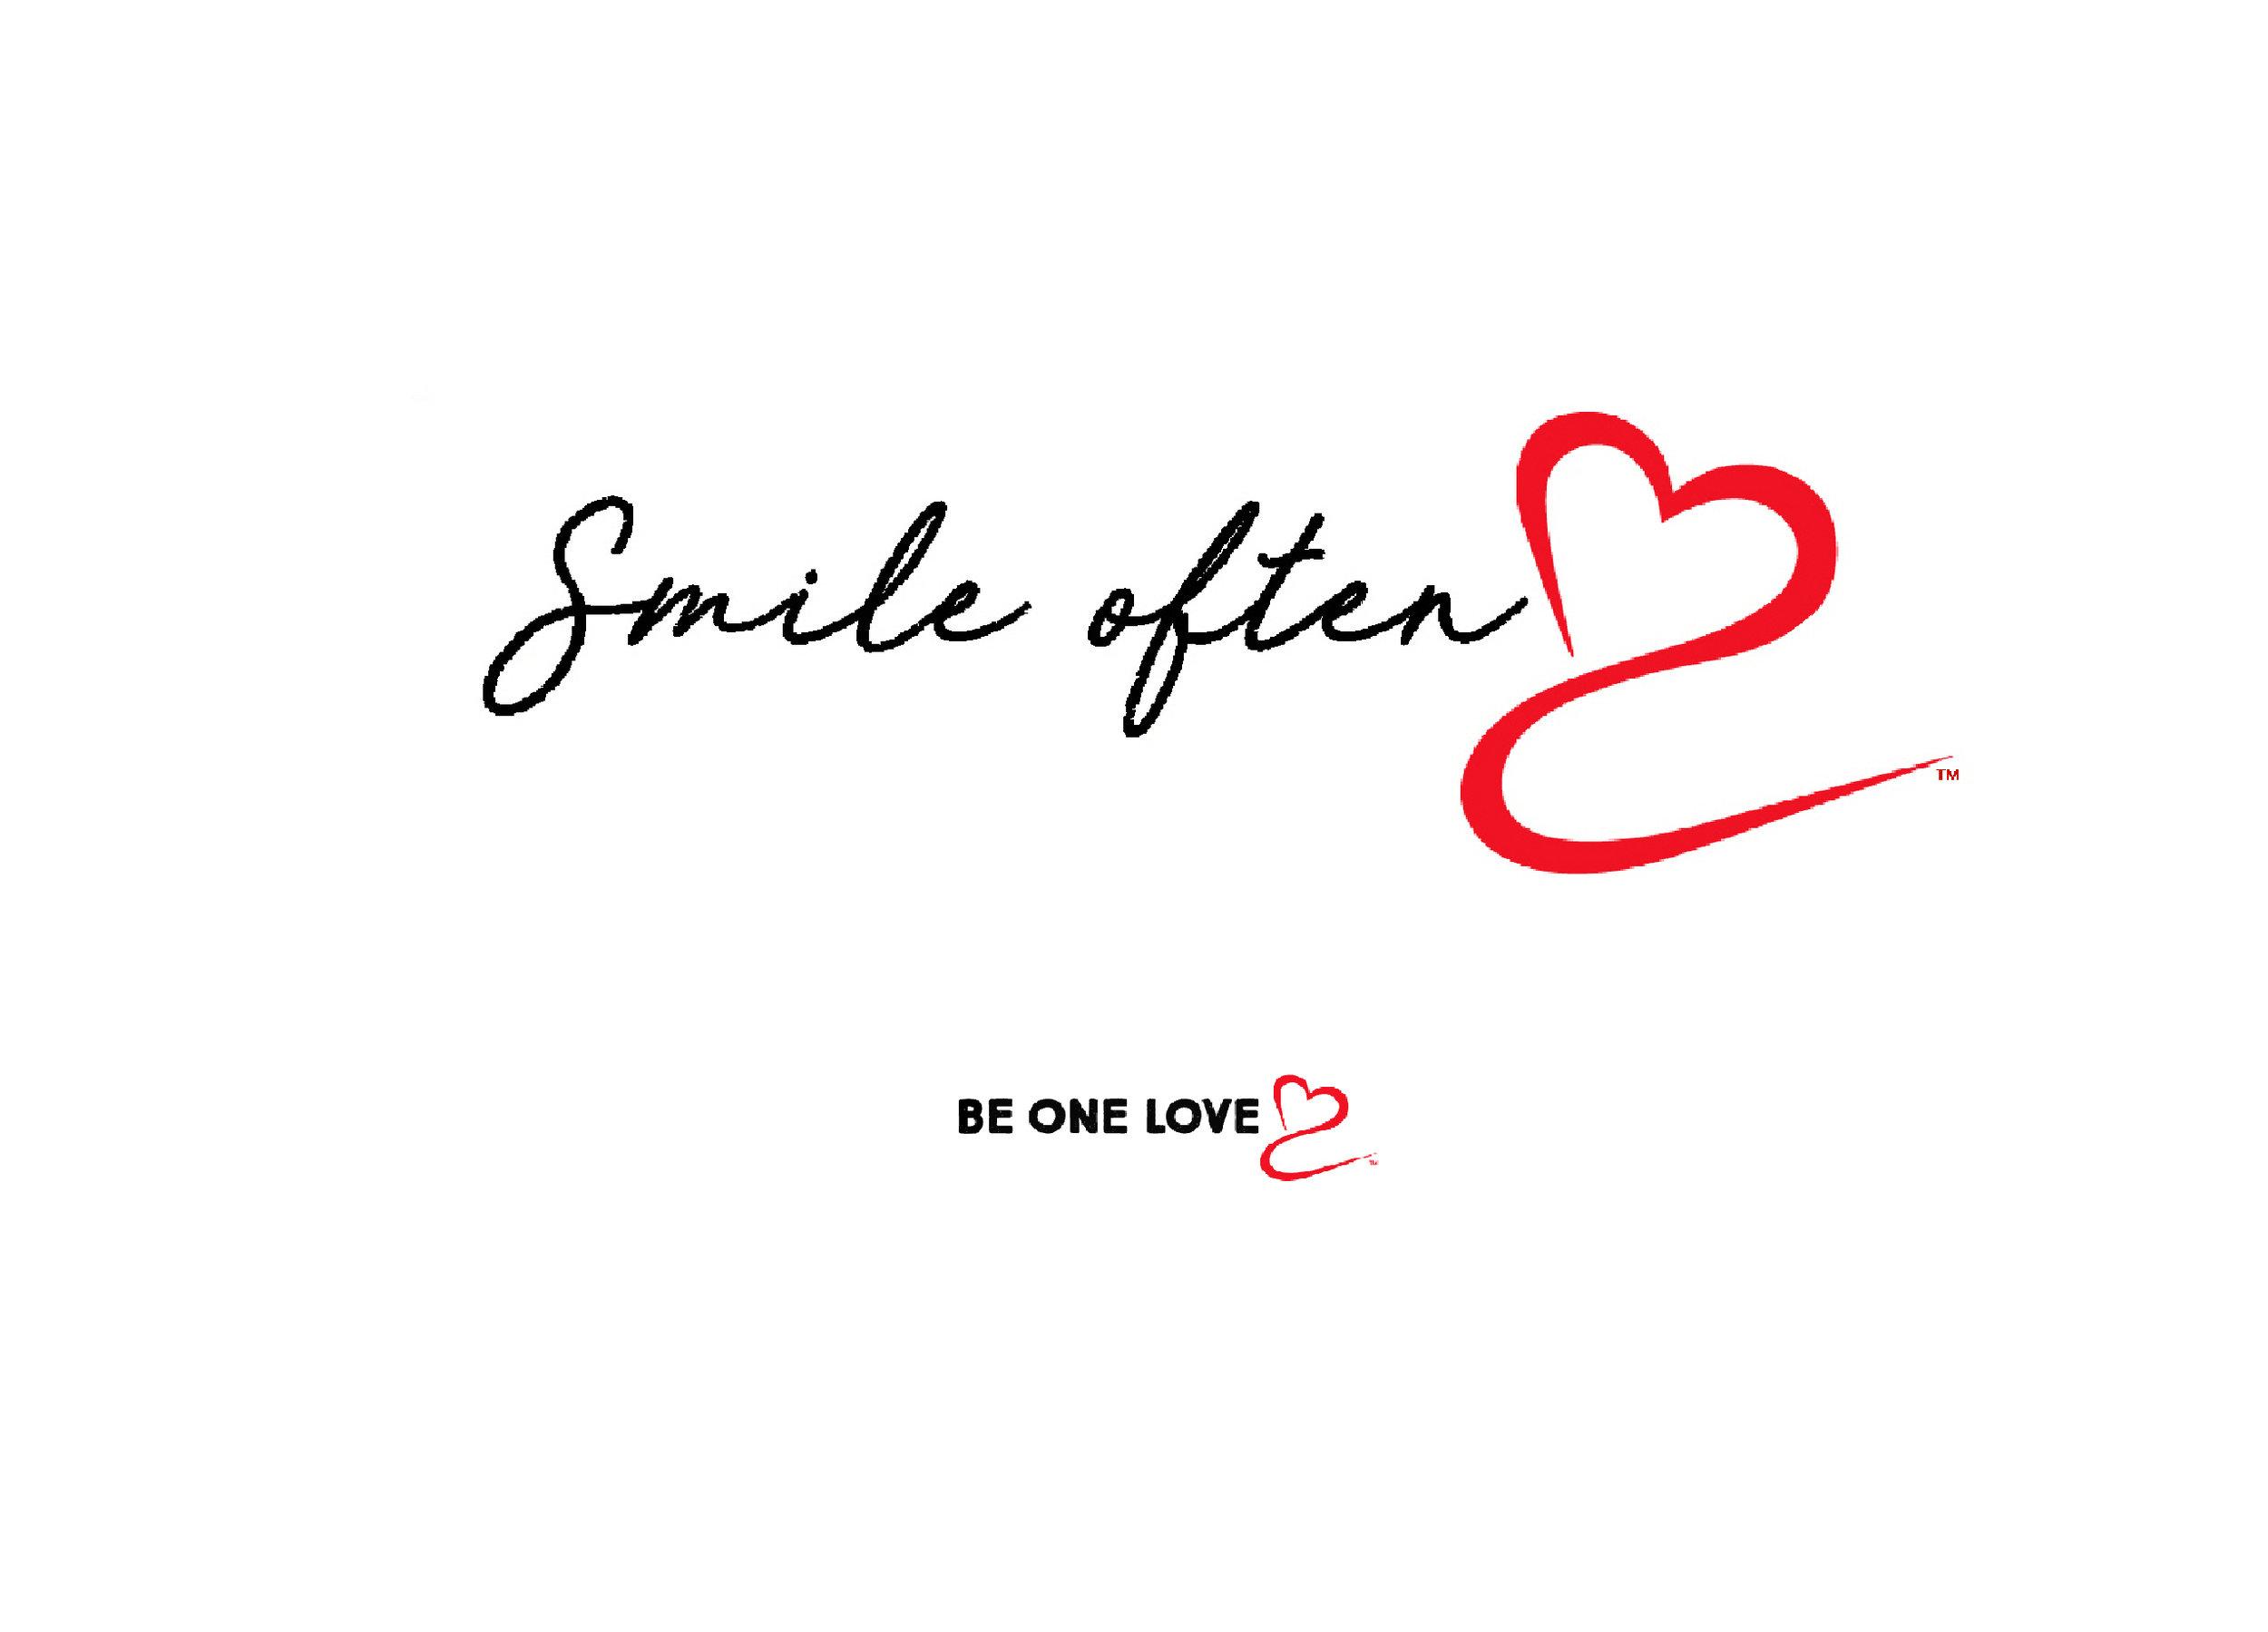 SmileOften.jpg